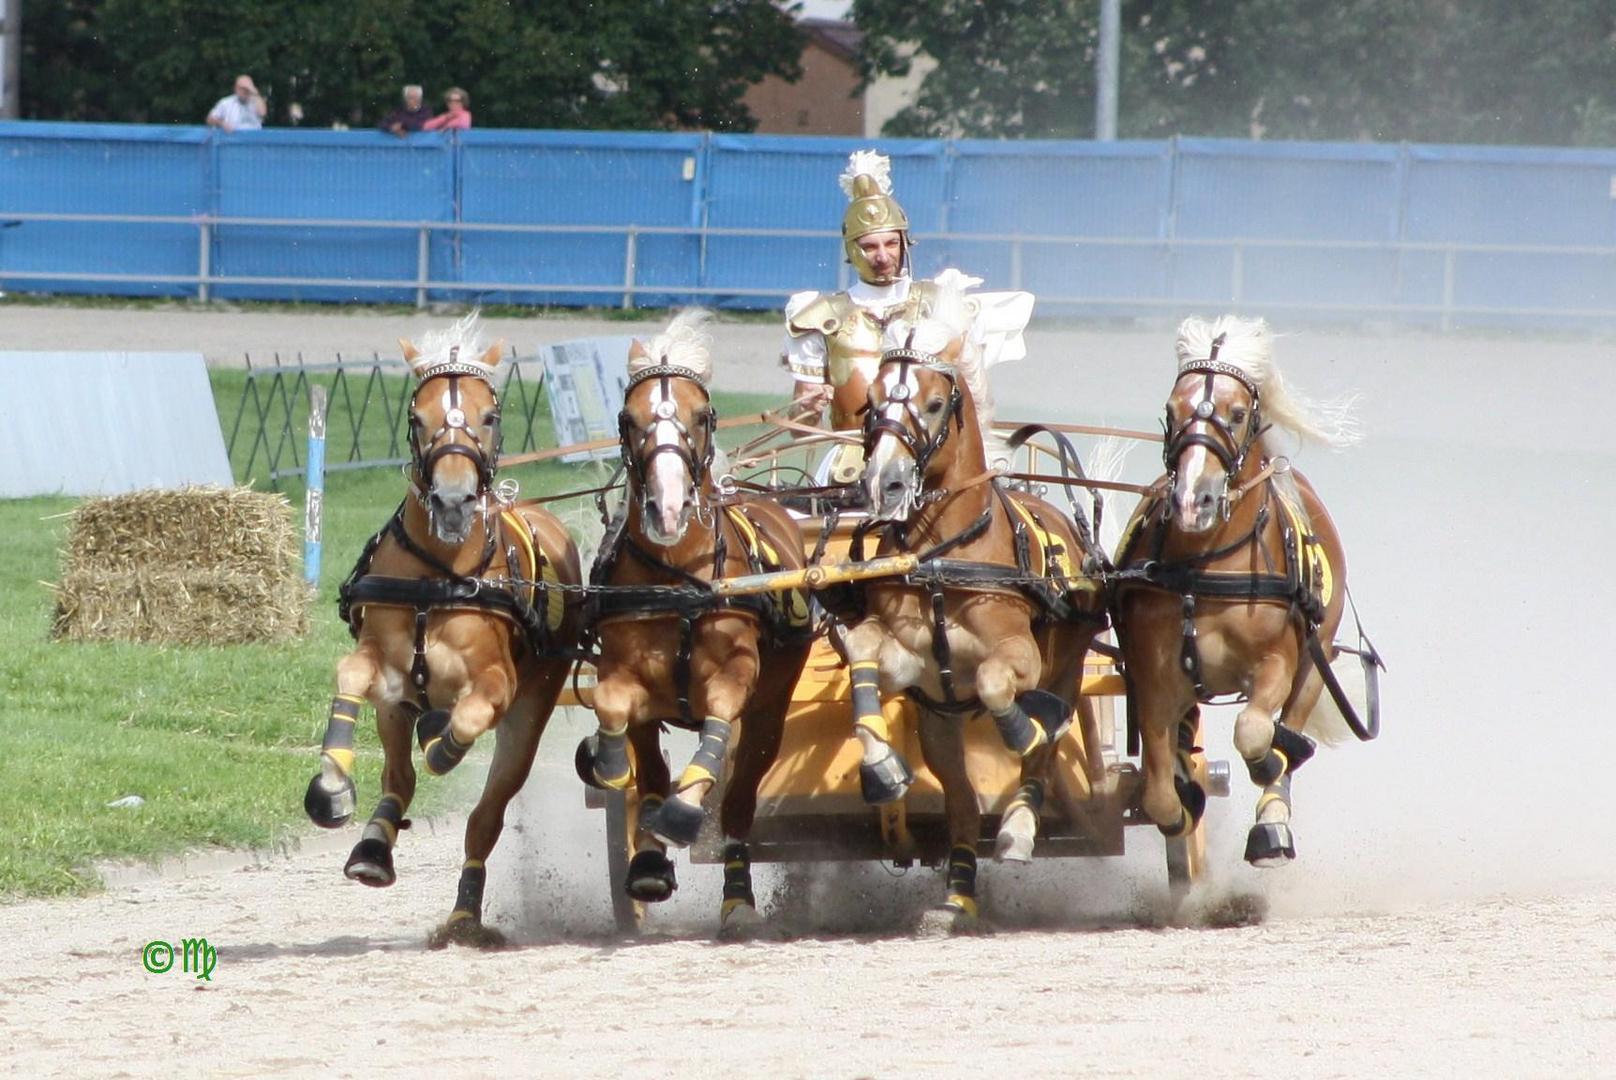 Kampfwagenrennen Straubing